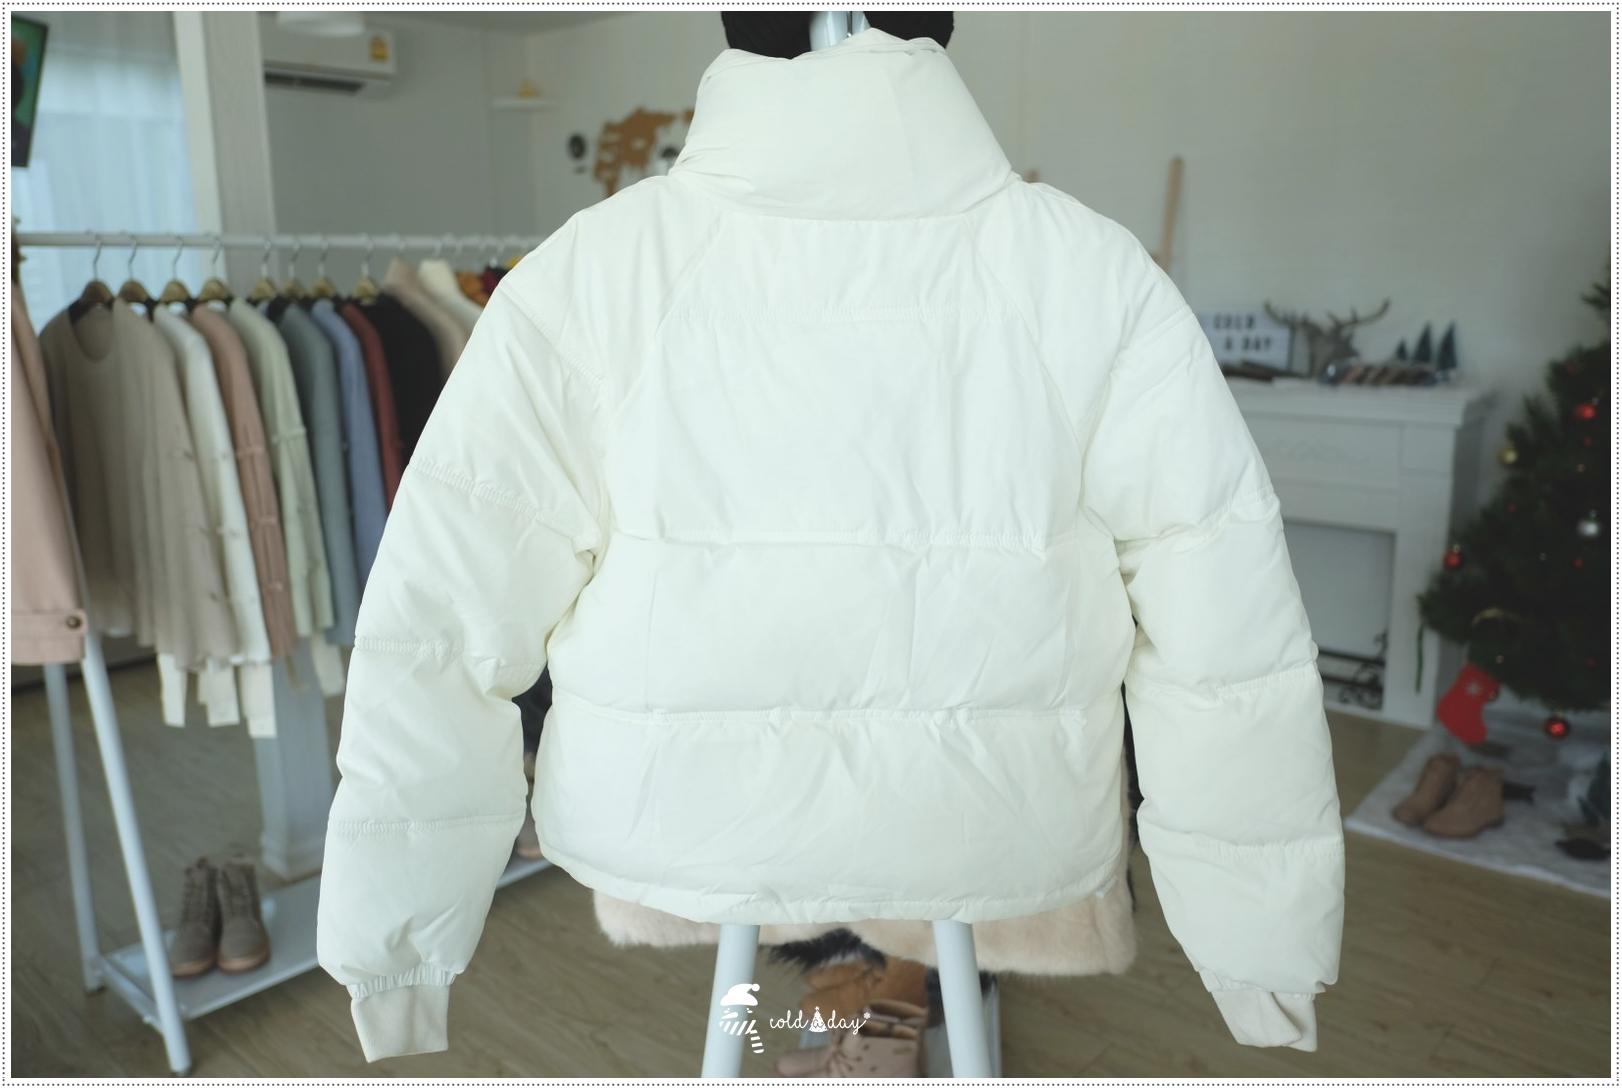 เช่าเสื้อกันหนาว เช่าเสื้อขนเป็ด เสื้อขนเป็ด เสื้อกันหนาว